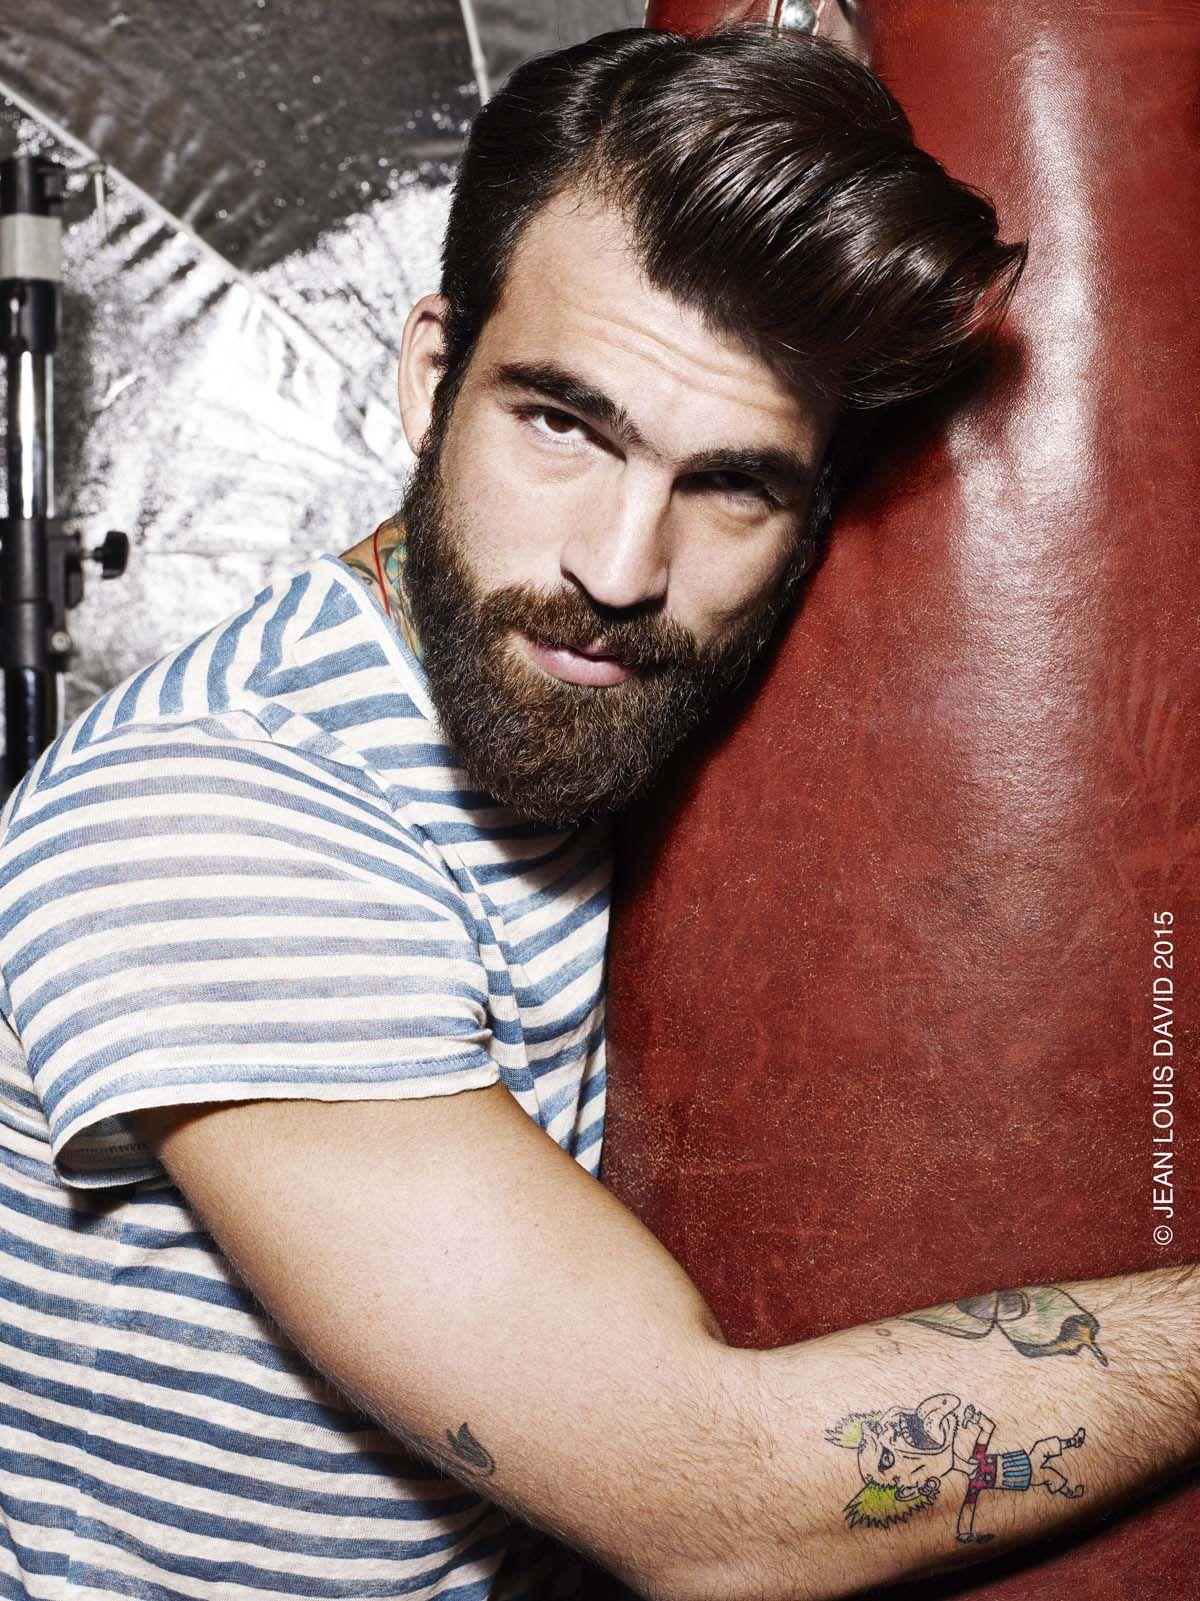 coiffure homme printemps t 2015 hair style men